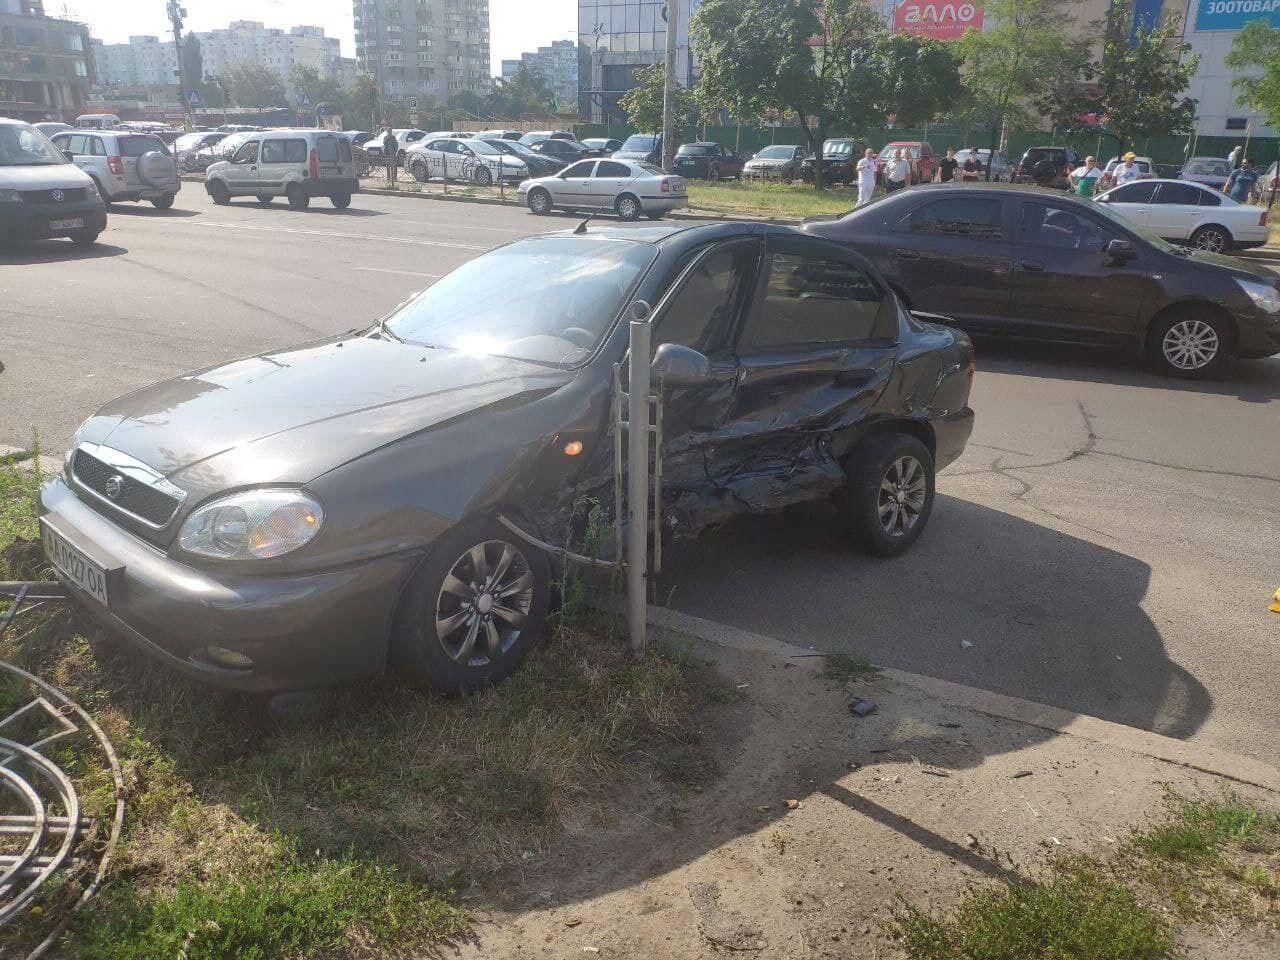 Таксі спровокувало ДТП за участю п'яти авто.